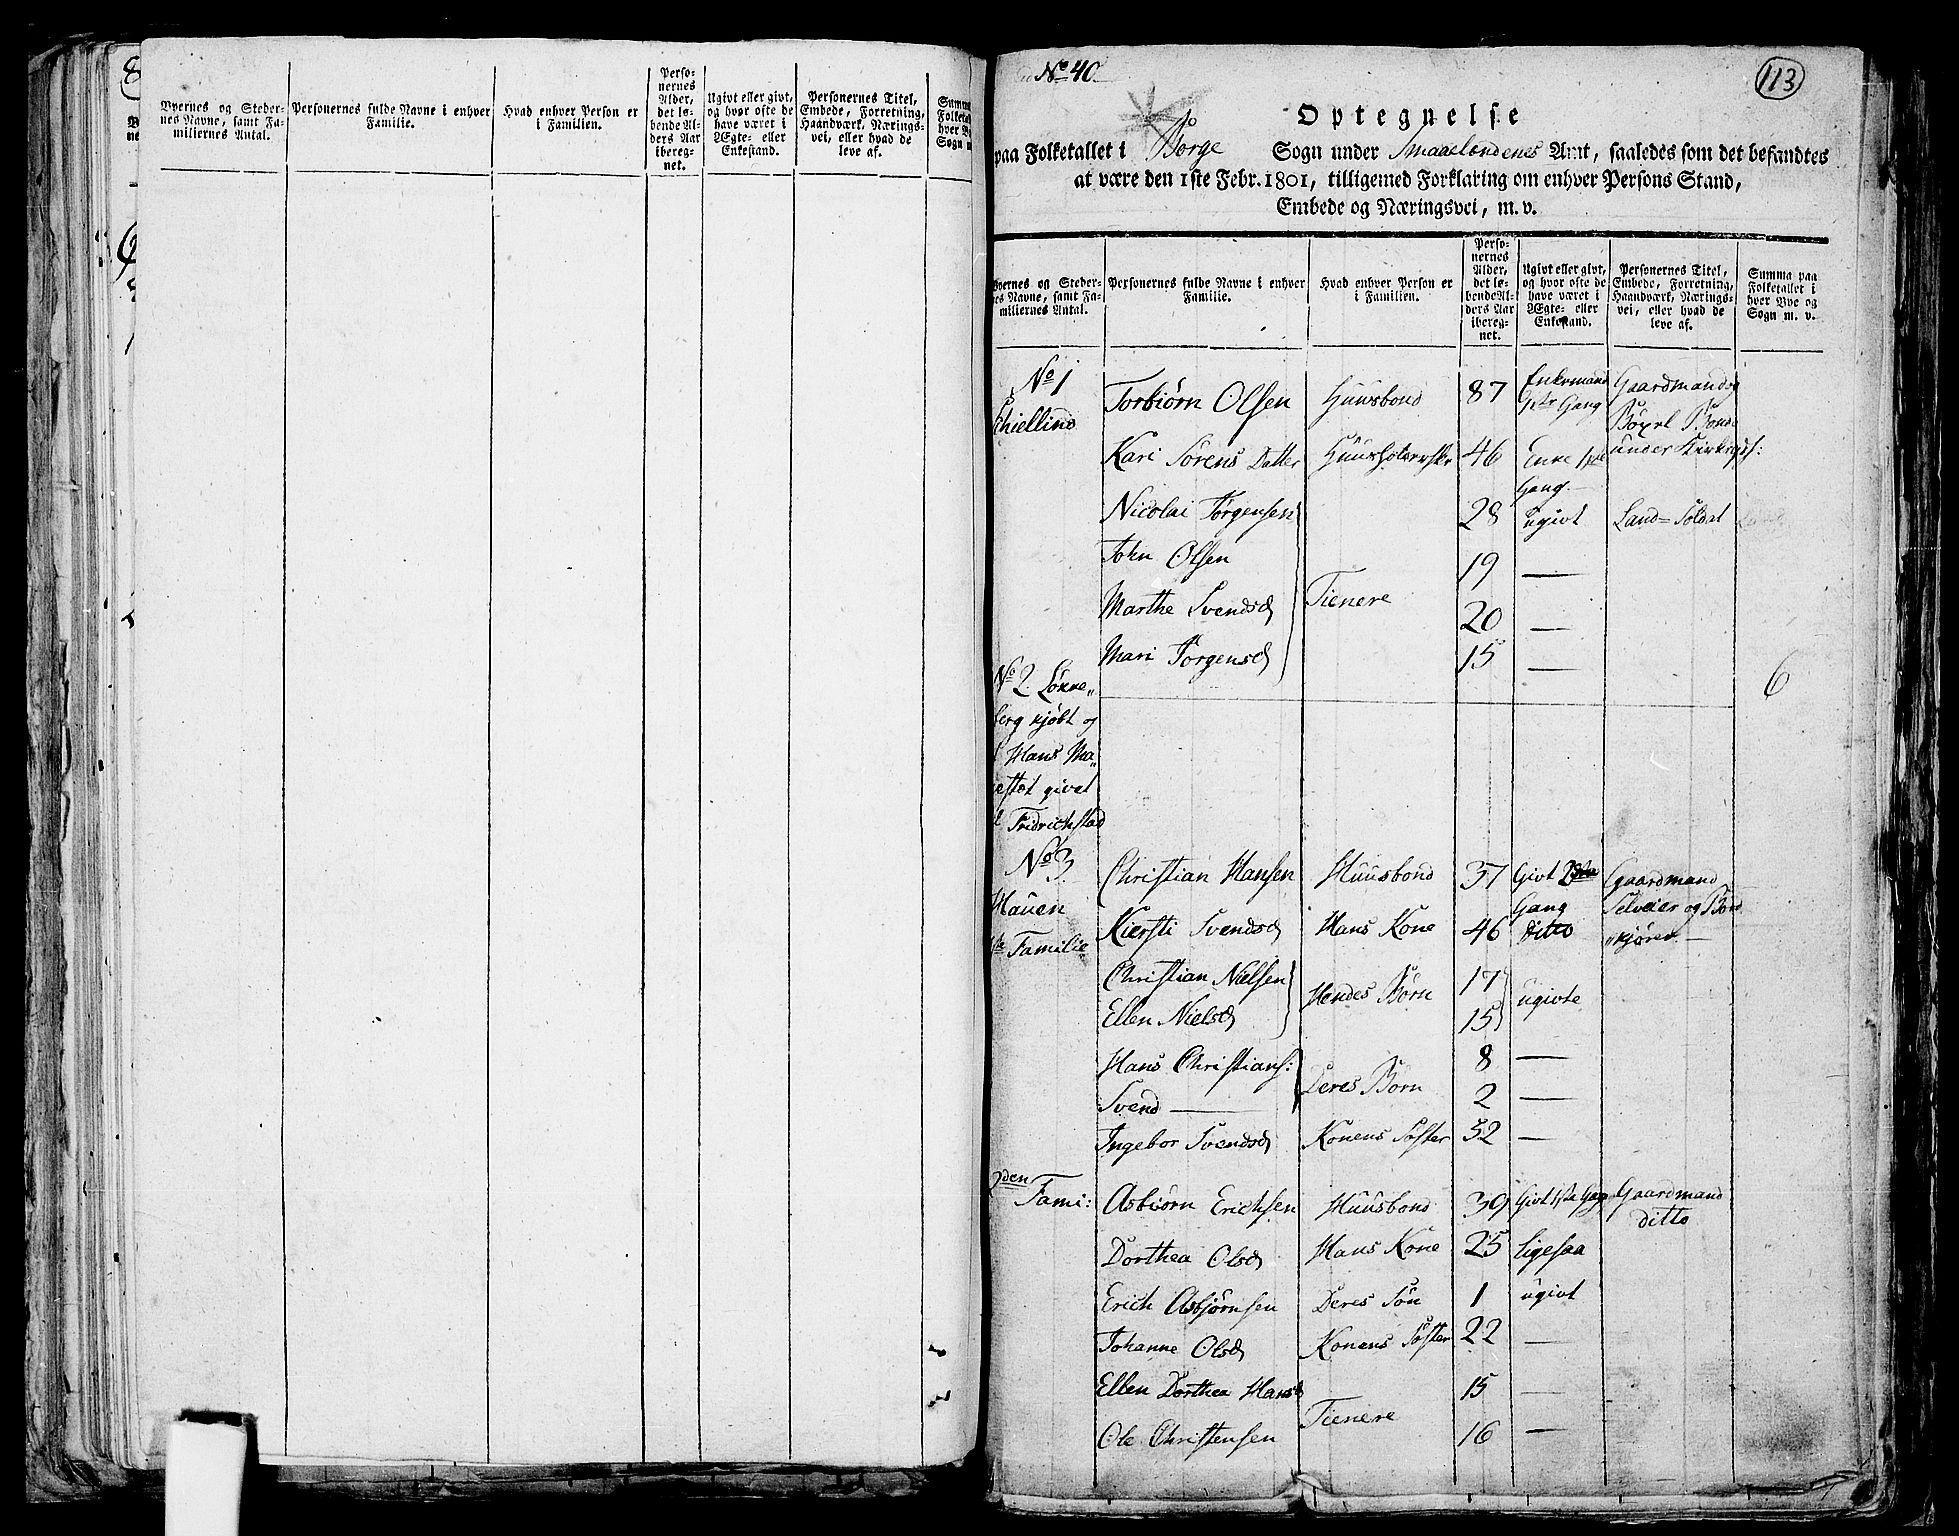 RA, Folketelling 1801 for 0113P Borge prestegjeld, 1801, s. 112b-113a